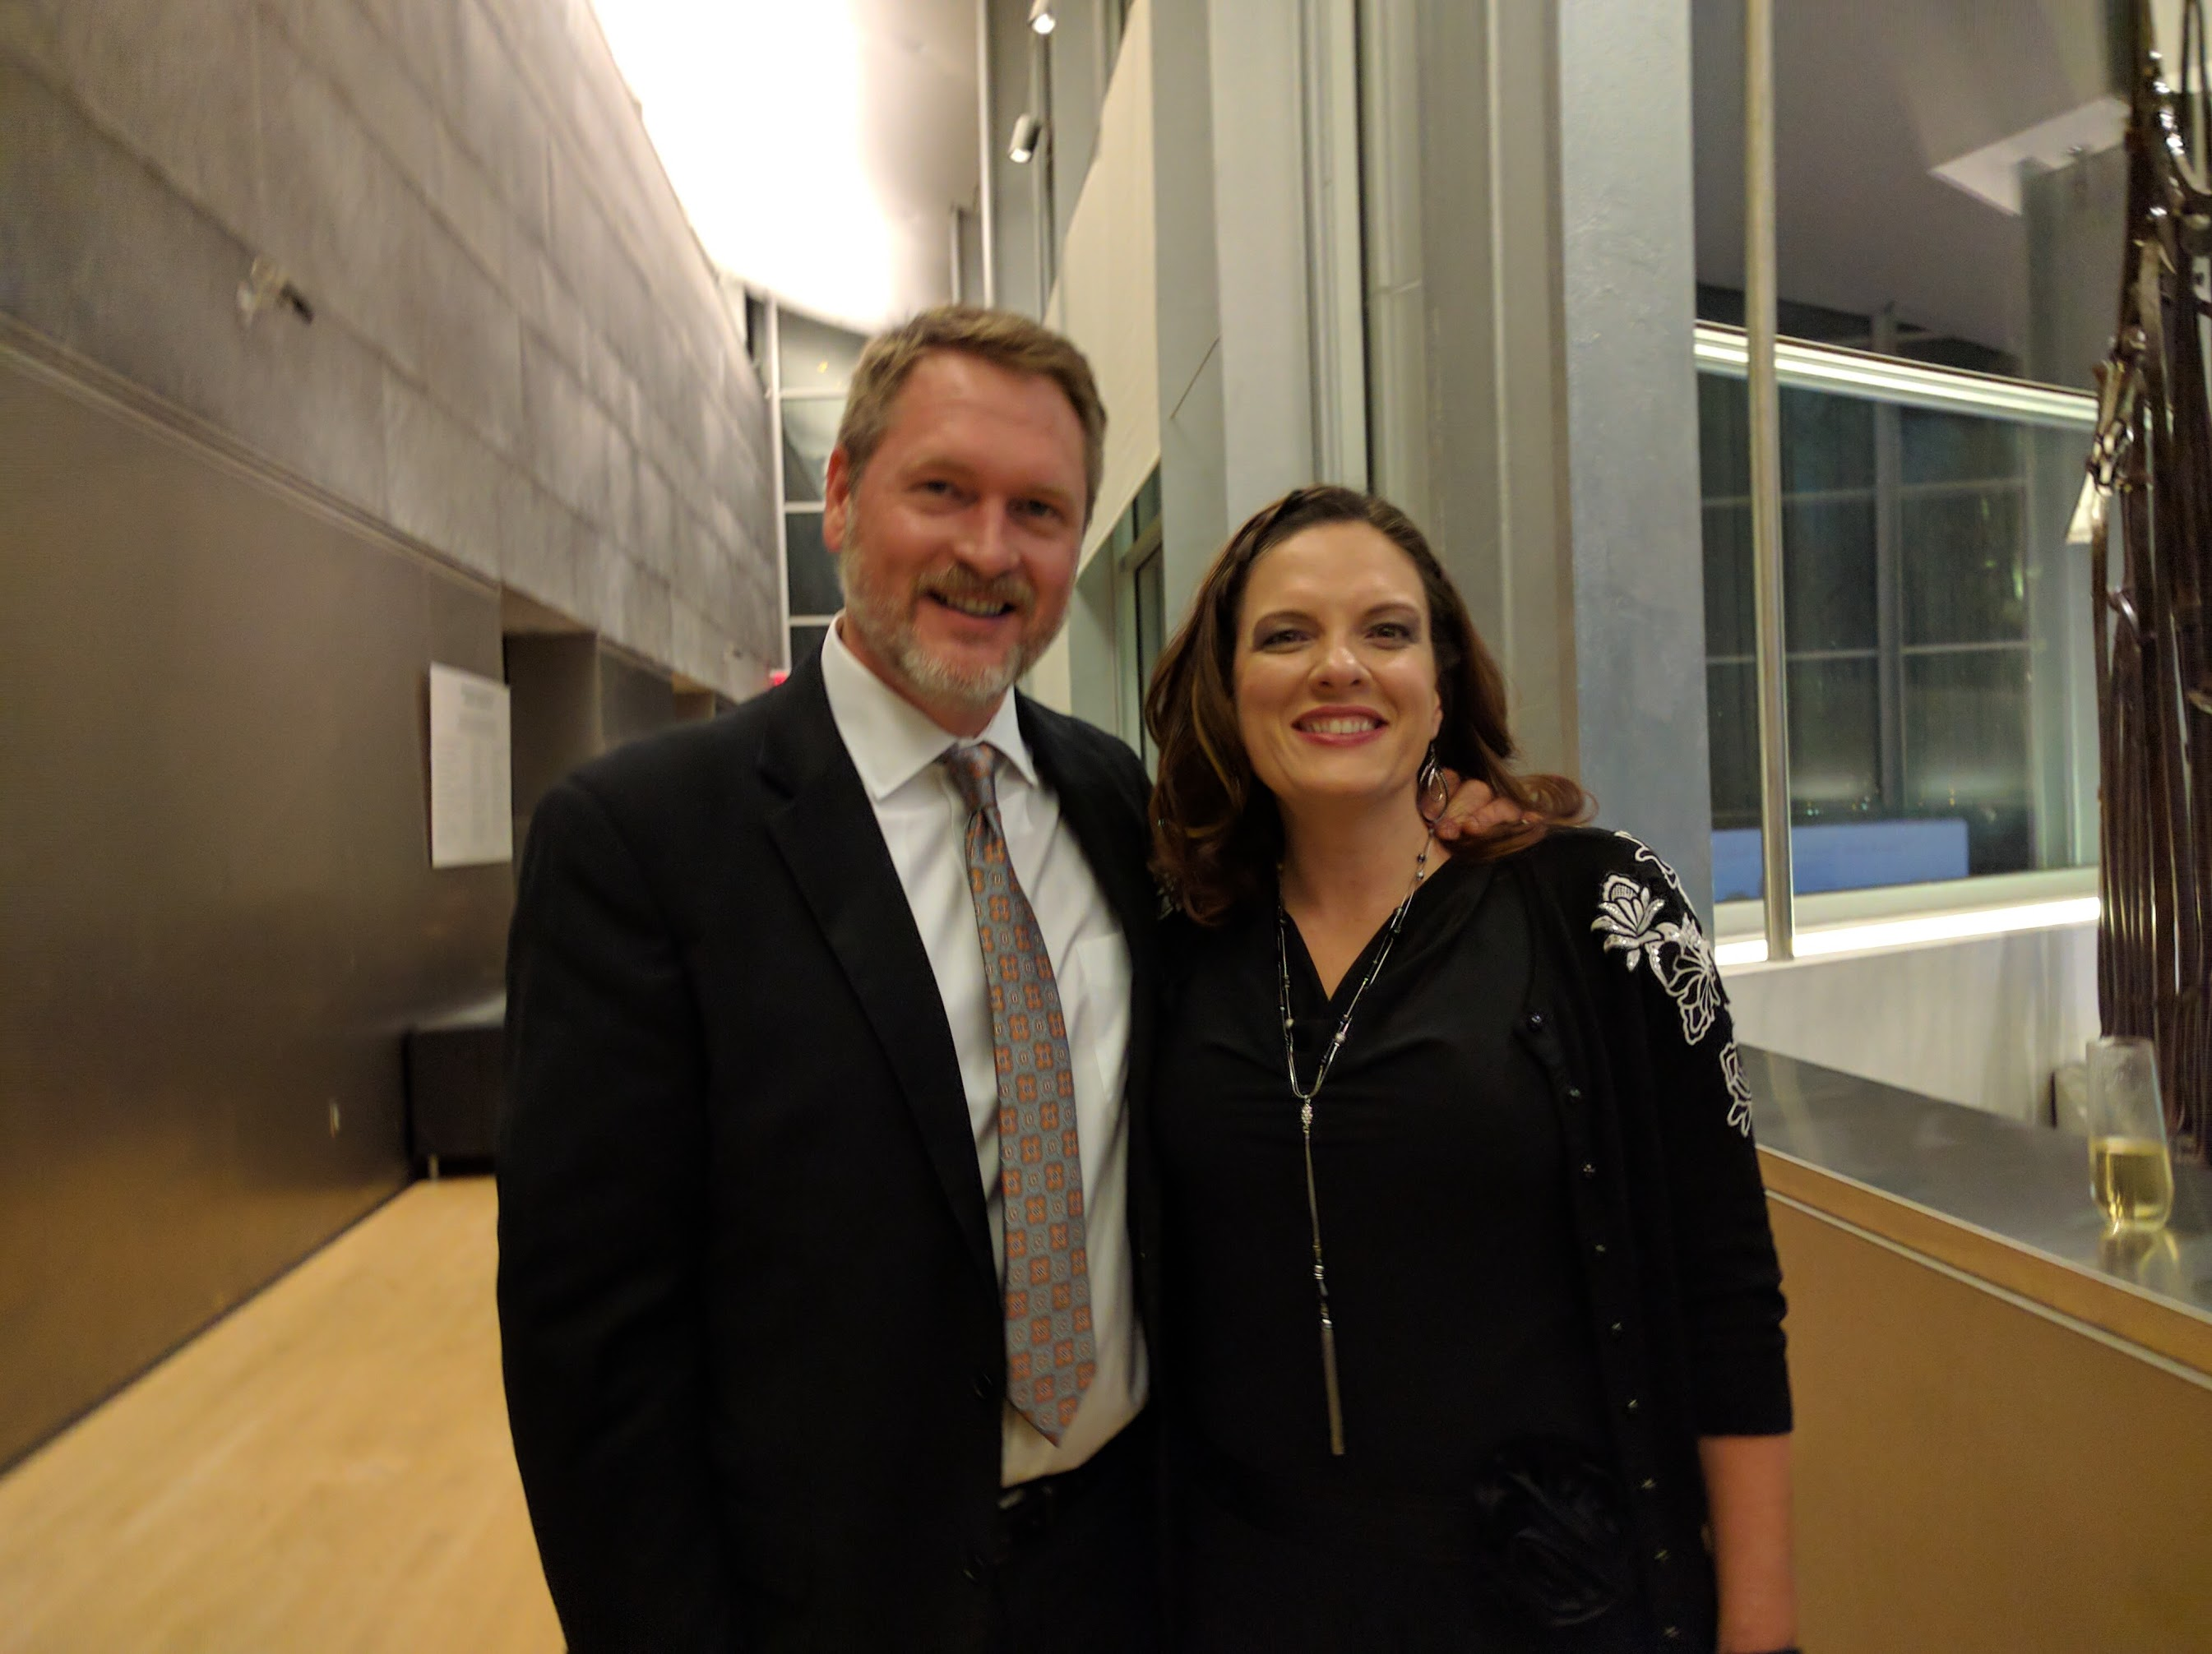 Geoffrey McGowen and Olivia McGowen